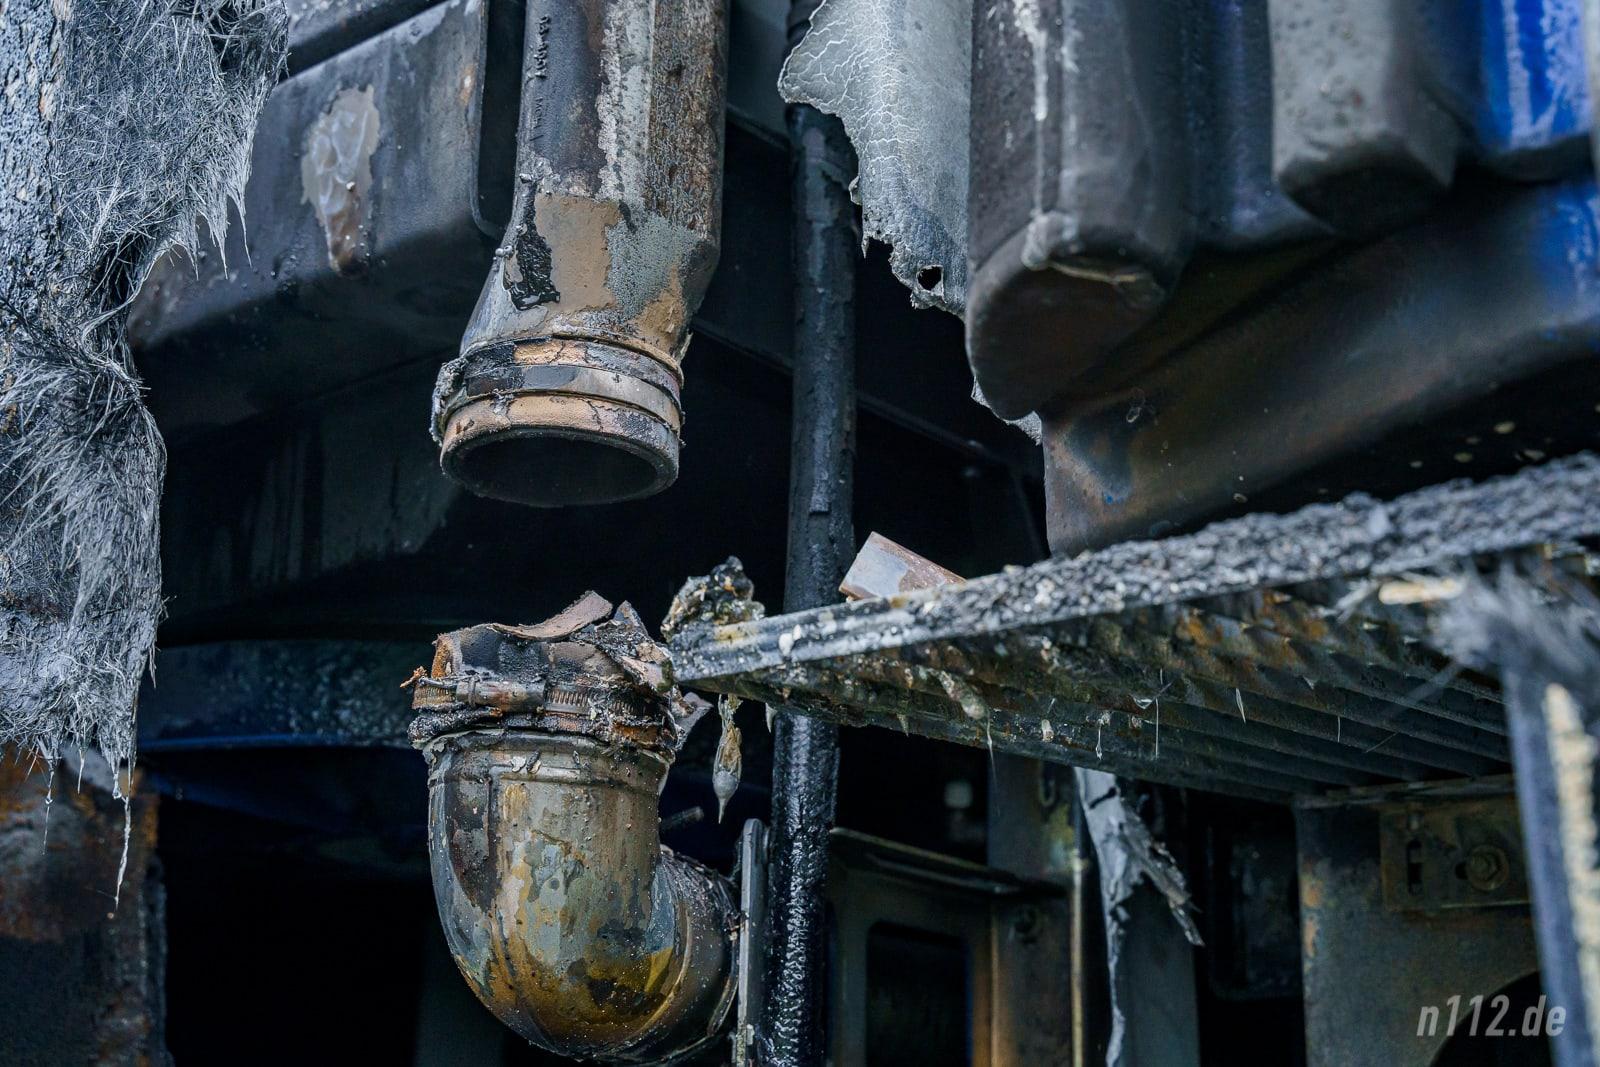 Vermutlich in der Verbindung zum Turbolader war der Brand ausgebrochen (Foto: n112.de/Stefan Simonsen)